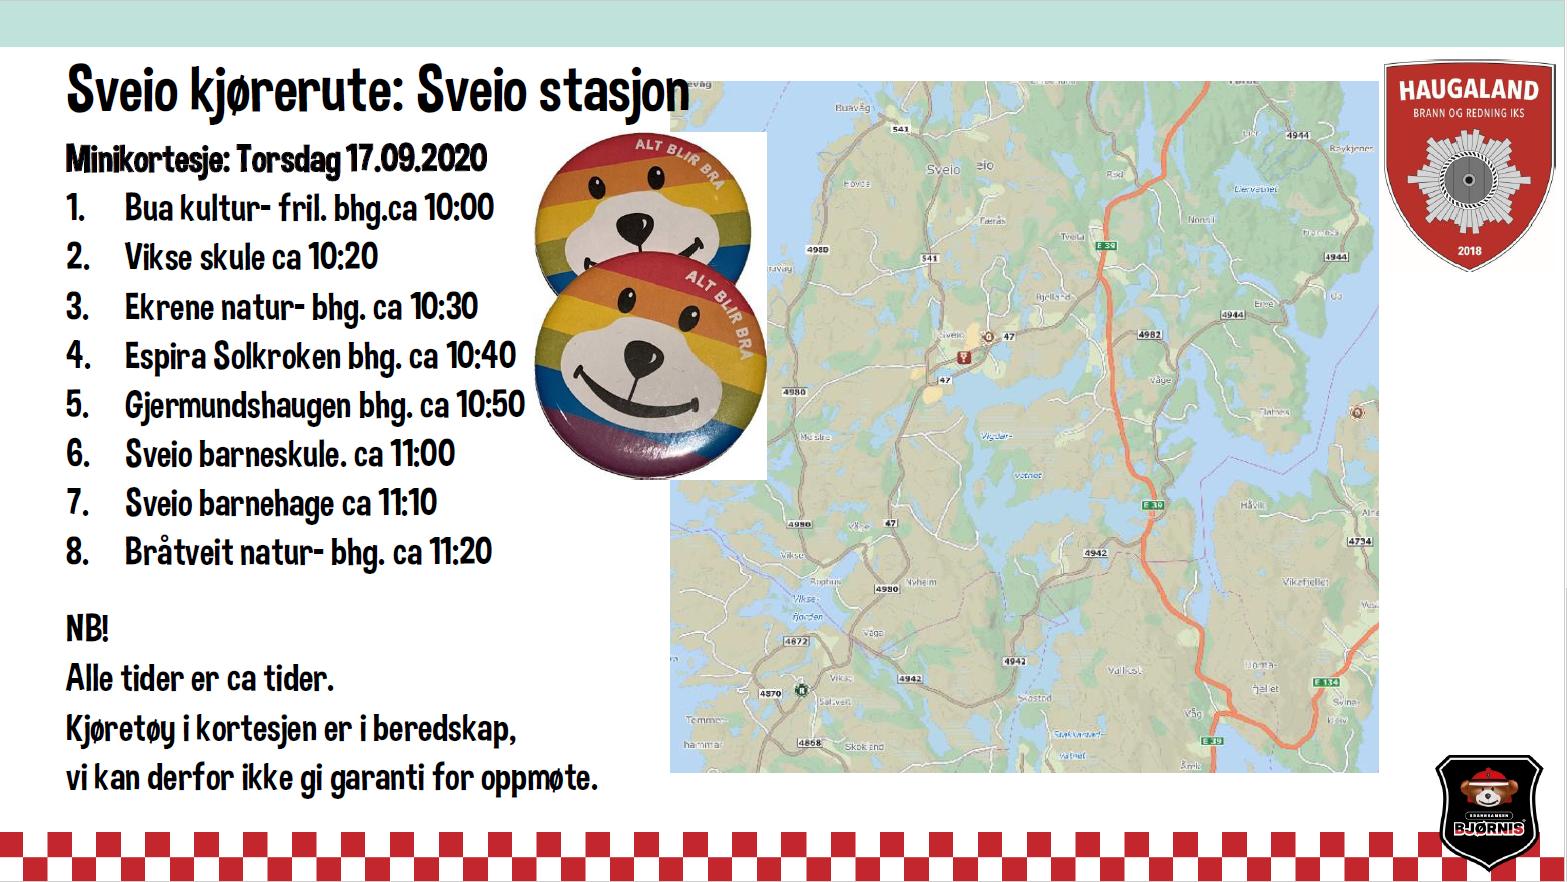 Tidspunkt fra Sveio stasjon